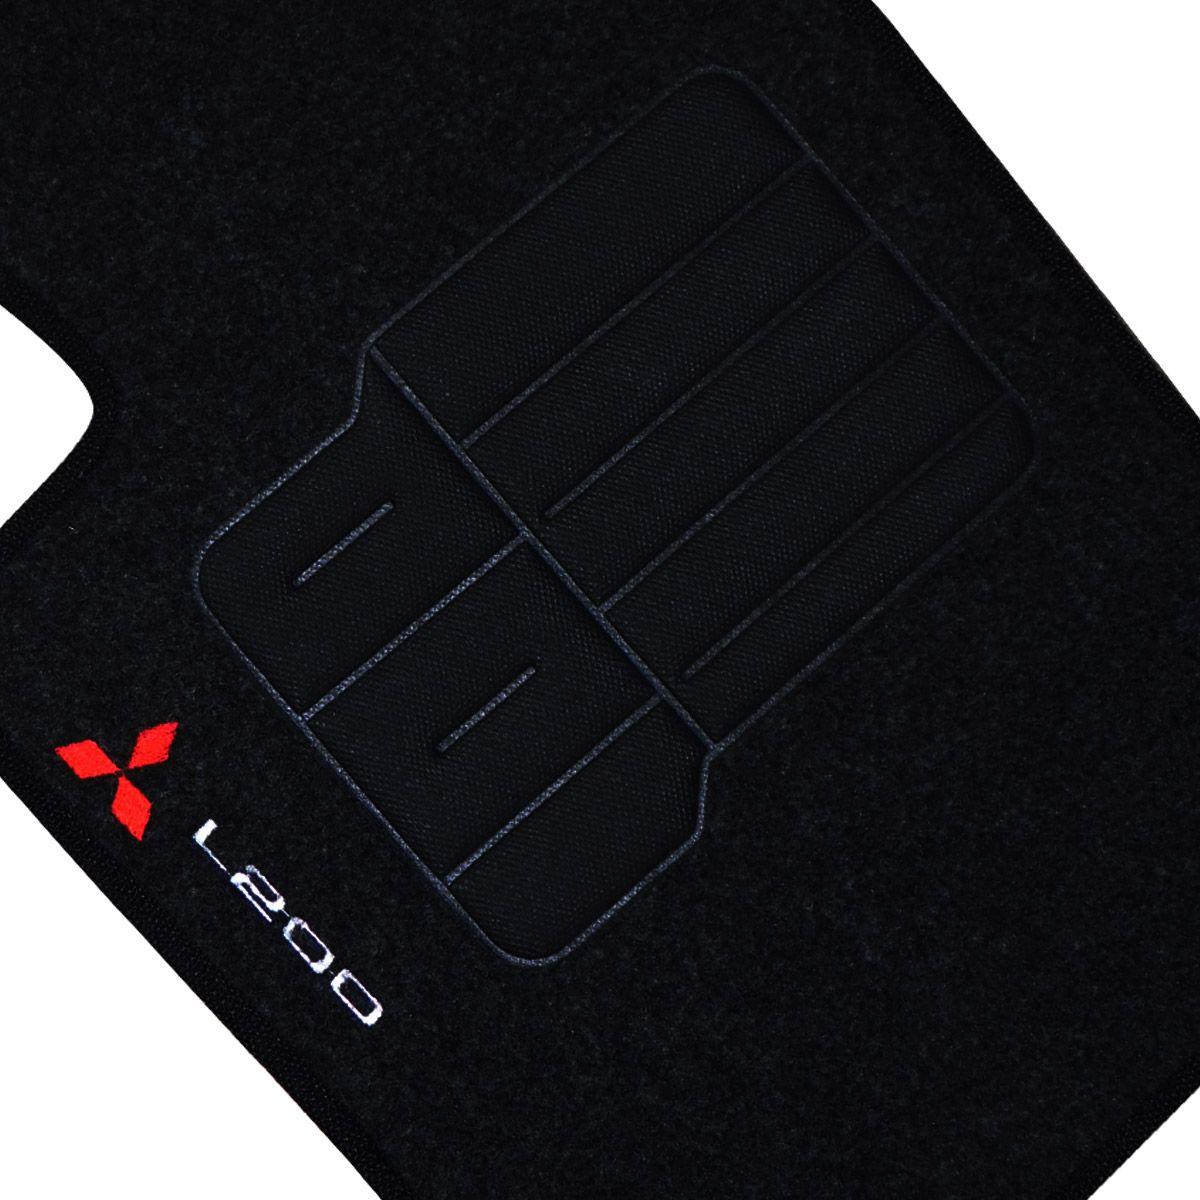 Jogo tapete carpete L200 Triton 2007 2008 2009 2010 2011 2012 2013 2014 com bordado (5 peças) e base pinada